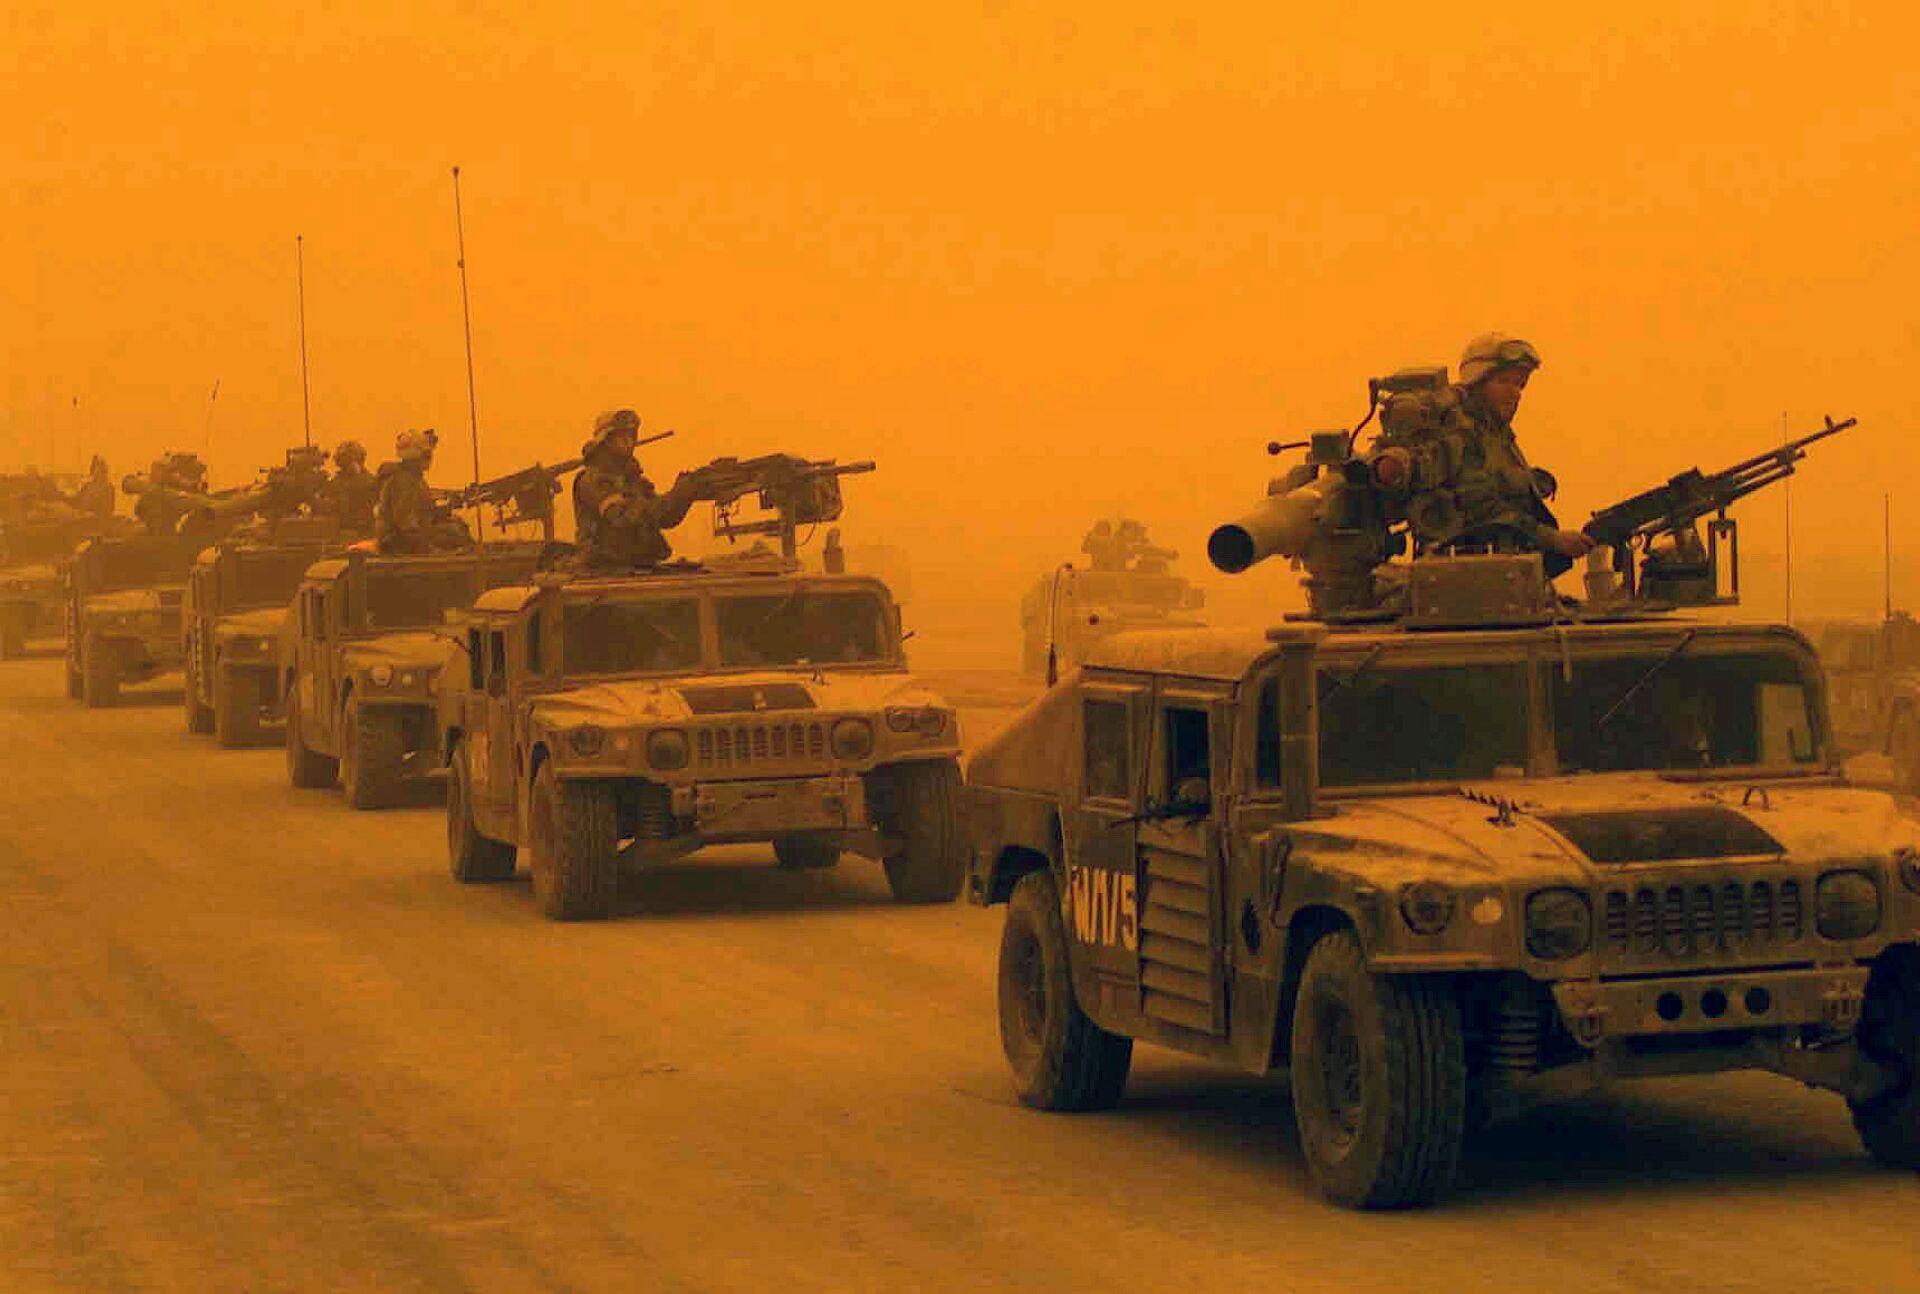 1-й разведывательно-дозорный батальон 1-й дивизии морской пехоты США в Ираке - РИА Новости, 1920, 19.02.2021